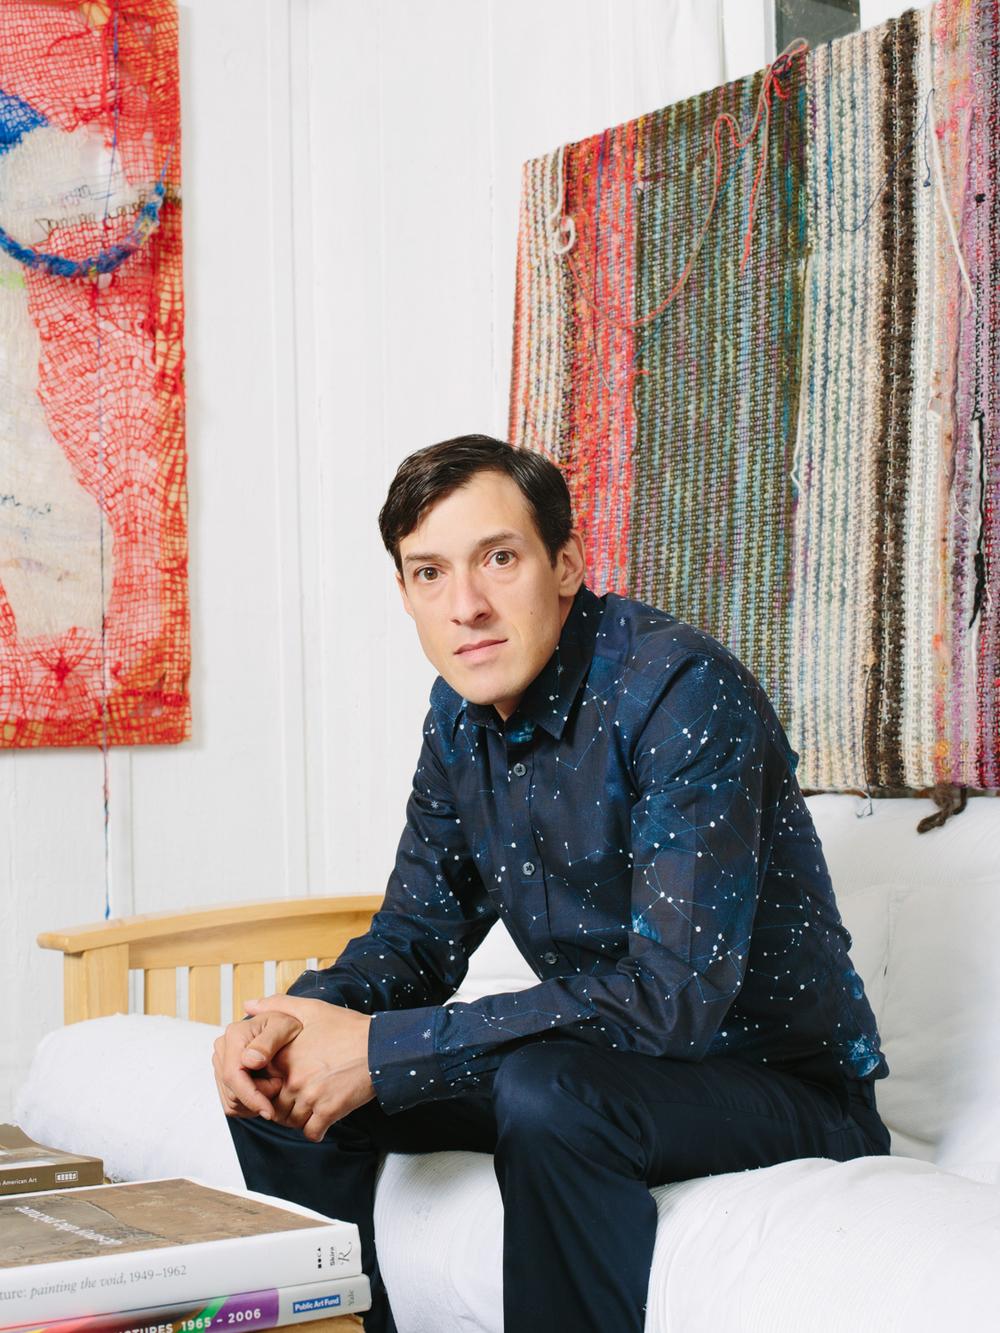 Channing Hansen, Fine Artist